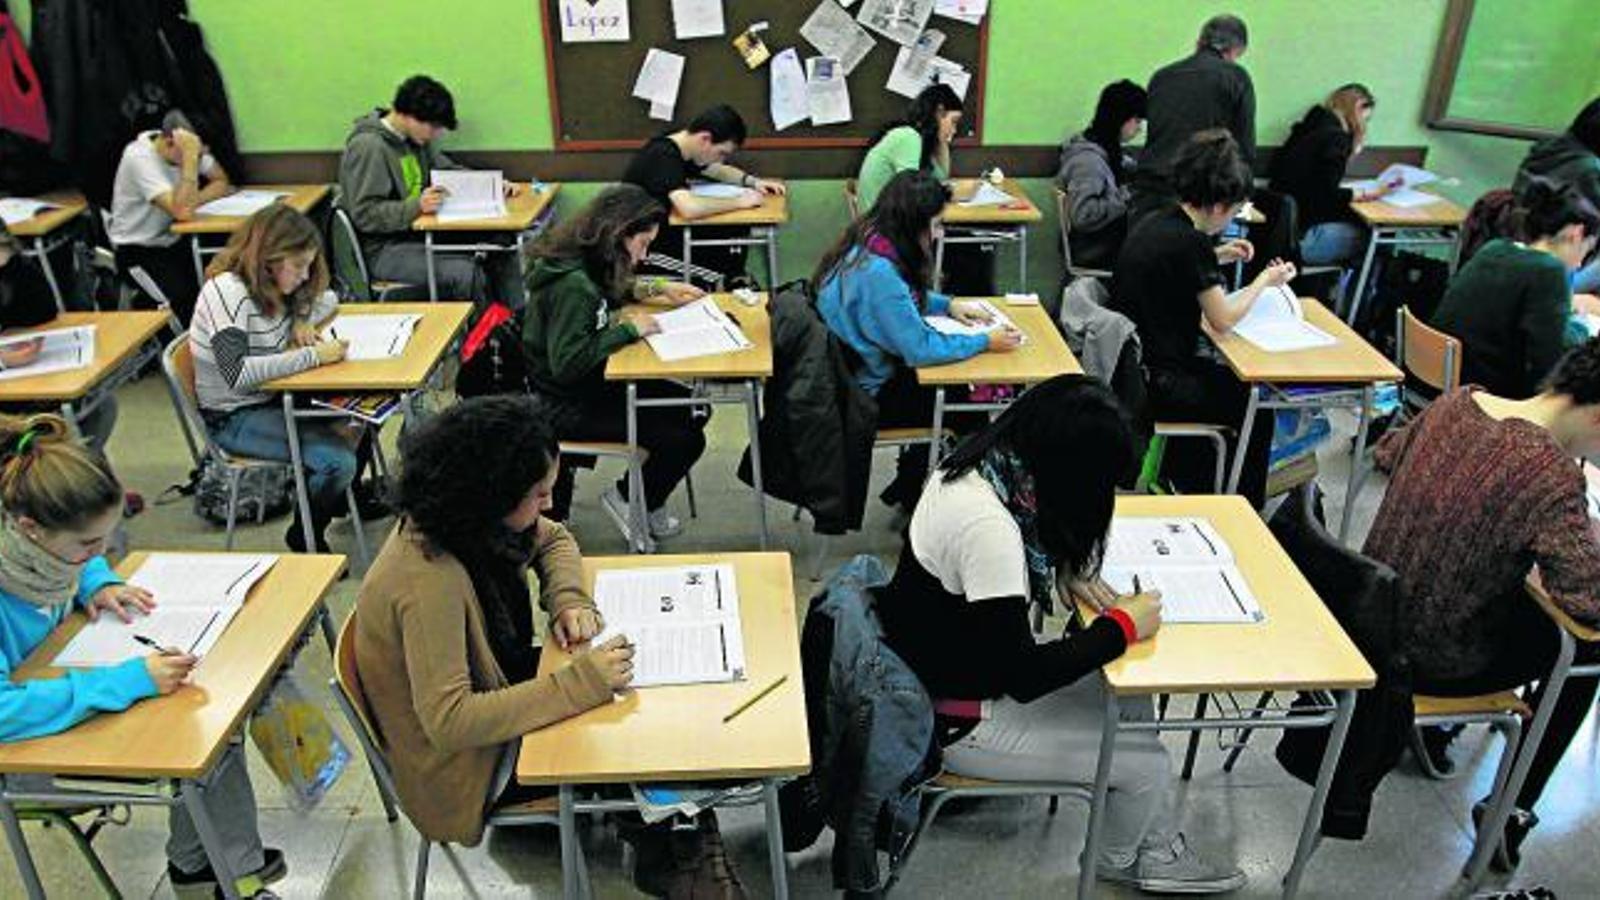 Espanya torna a ser el país de  la UE amb més fracàs escolar